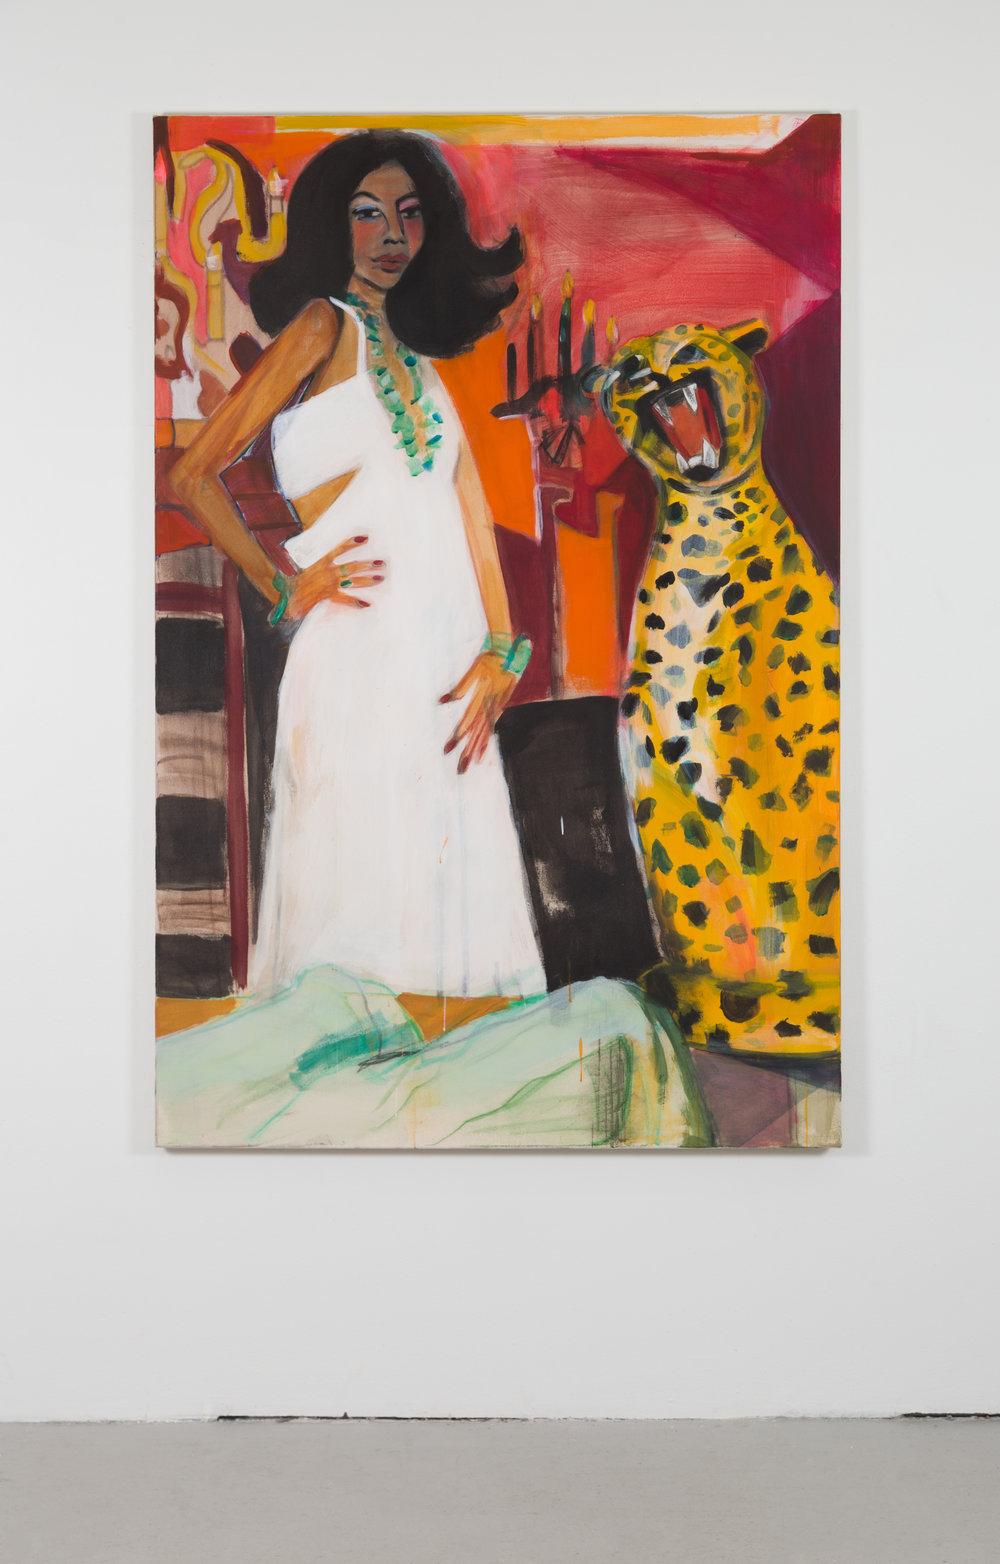 Diana circa 1979 , distemper on canvas, 72 in. x 48 in., 2017